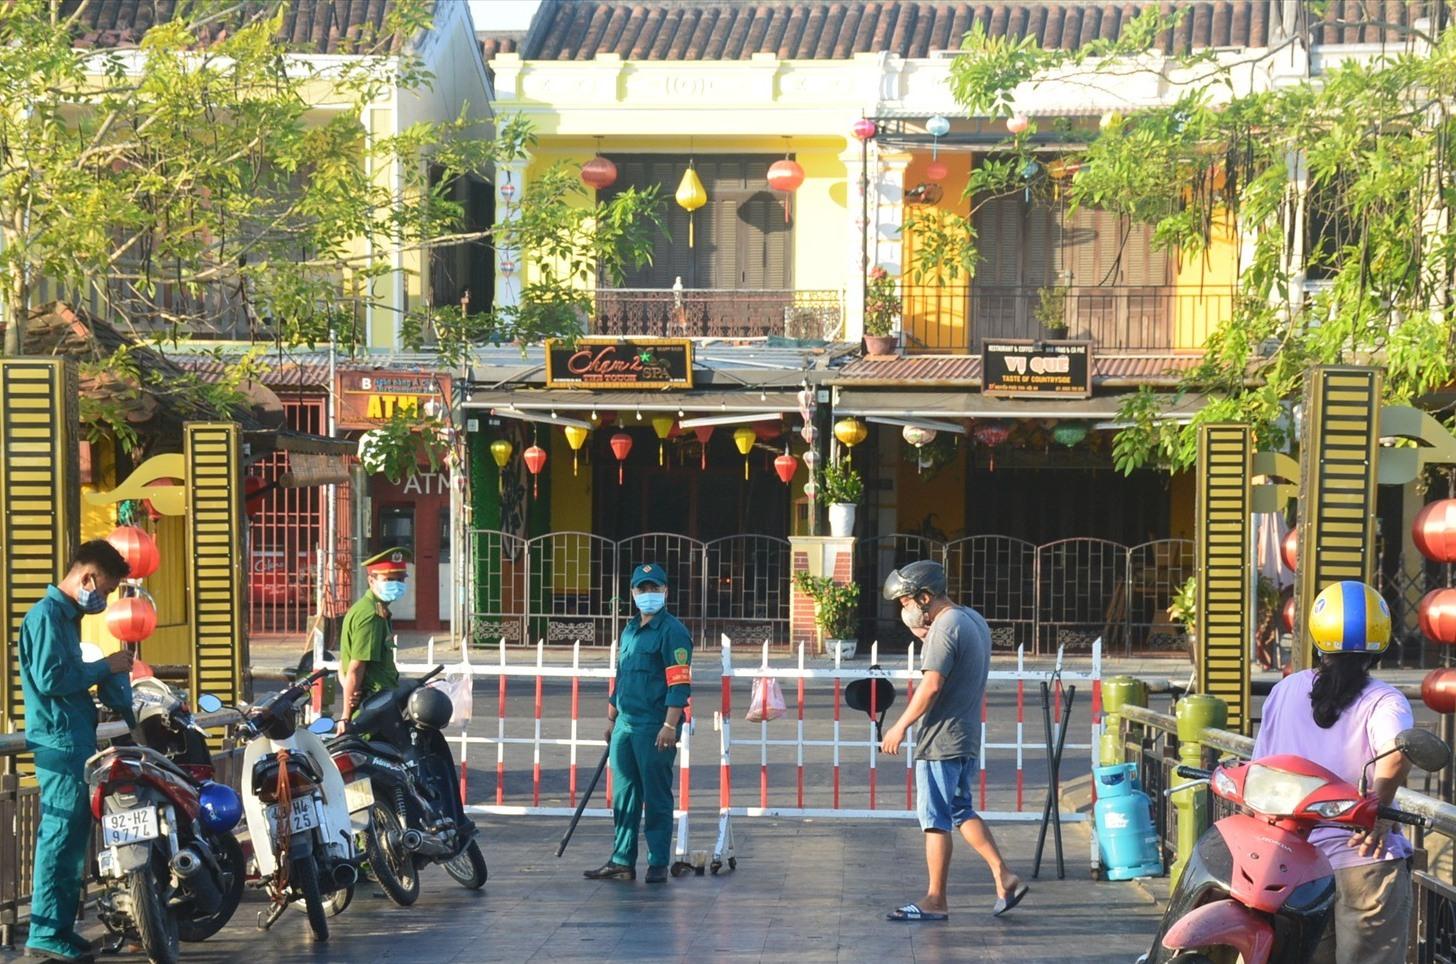 Lực lượng chức năng tiến hành rào chắn và chốt chặn tại cầu An Hội. Ảnh: Q.T